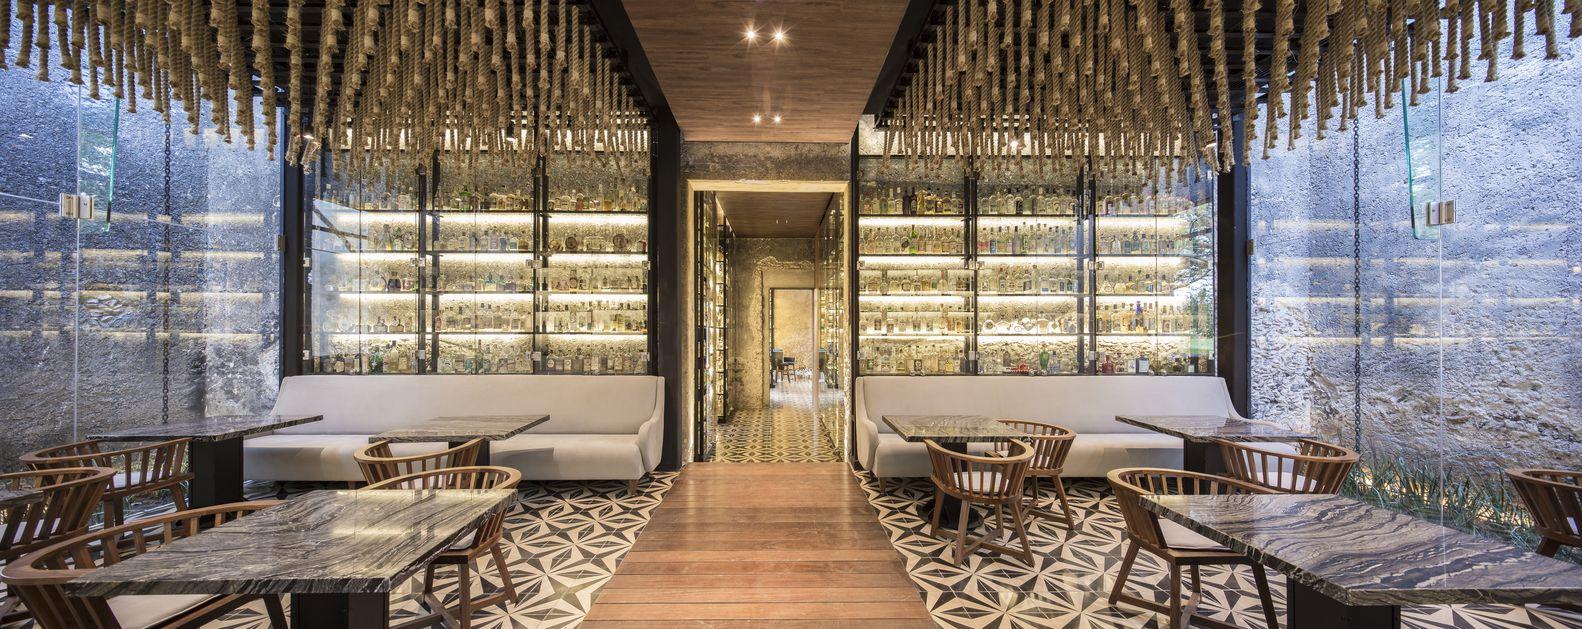 Wohndesign innenraum gallery of ixiuim restaurant  jorge bolio arquitectura  lavalle